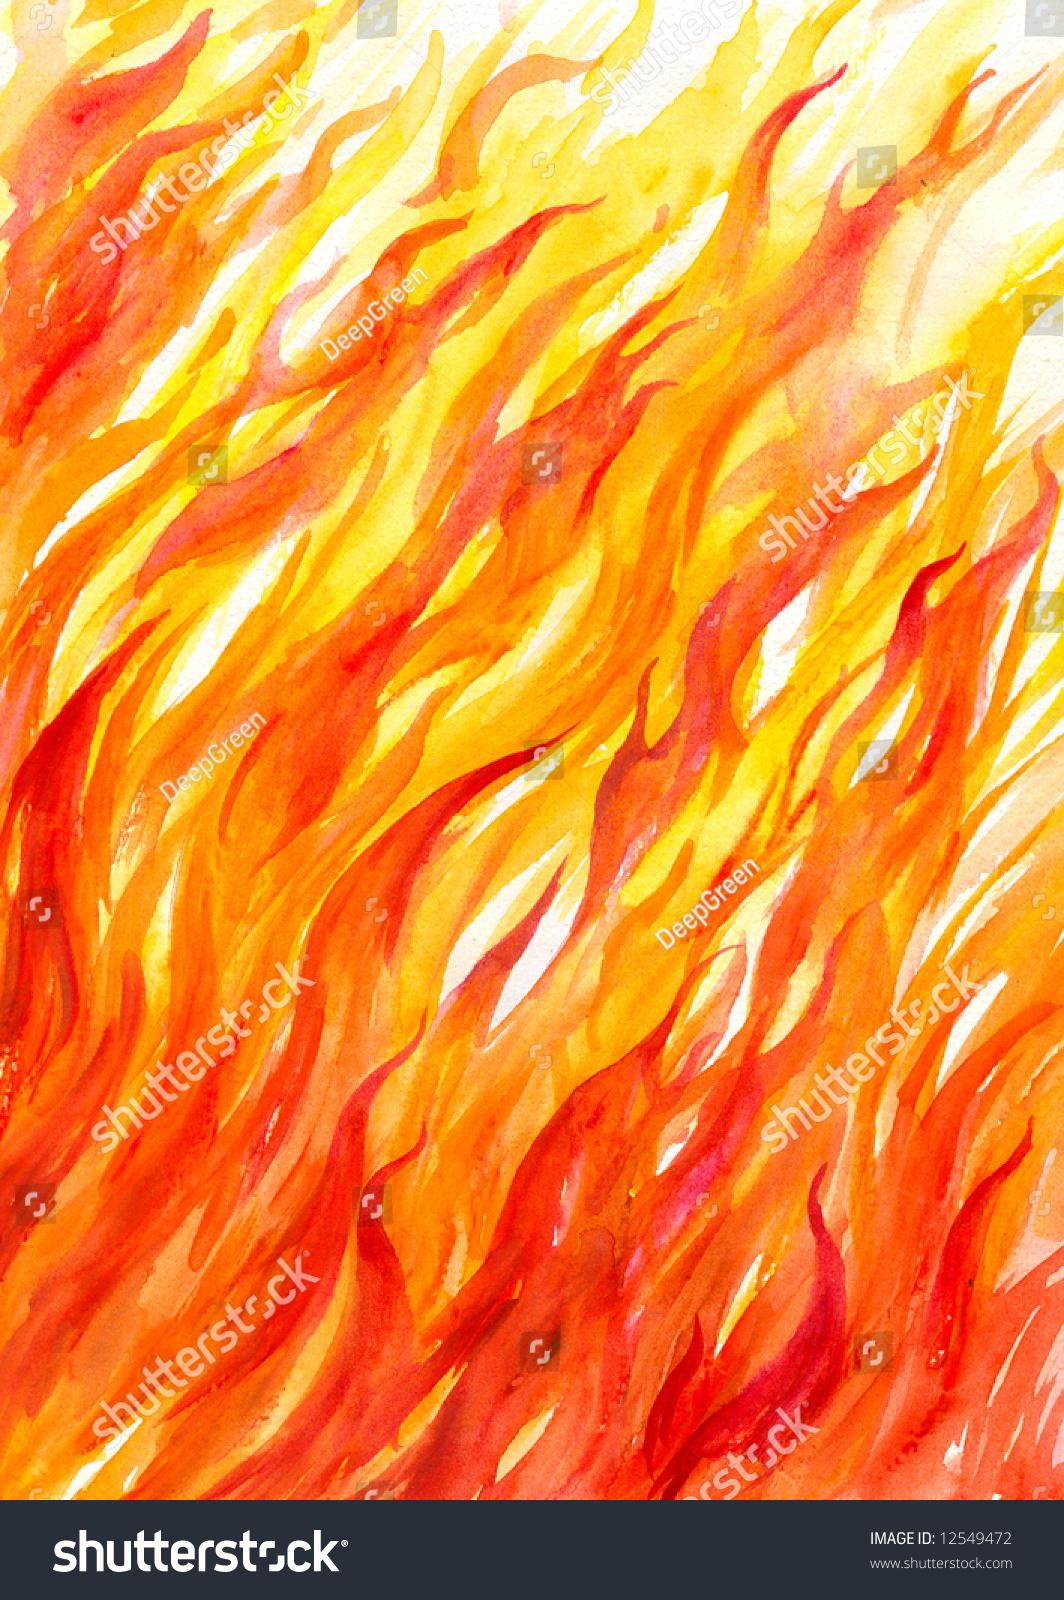 Как рисовать акварелью огонь